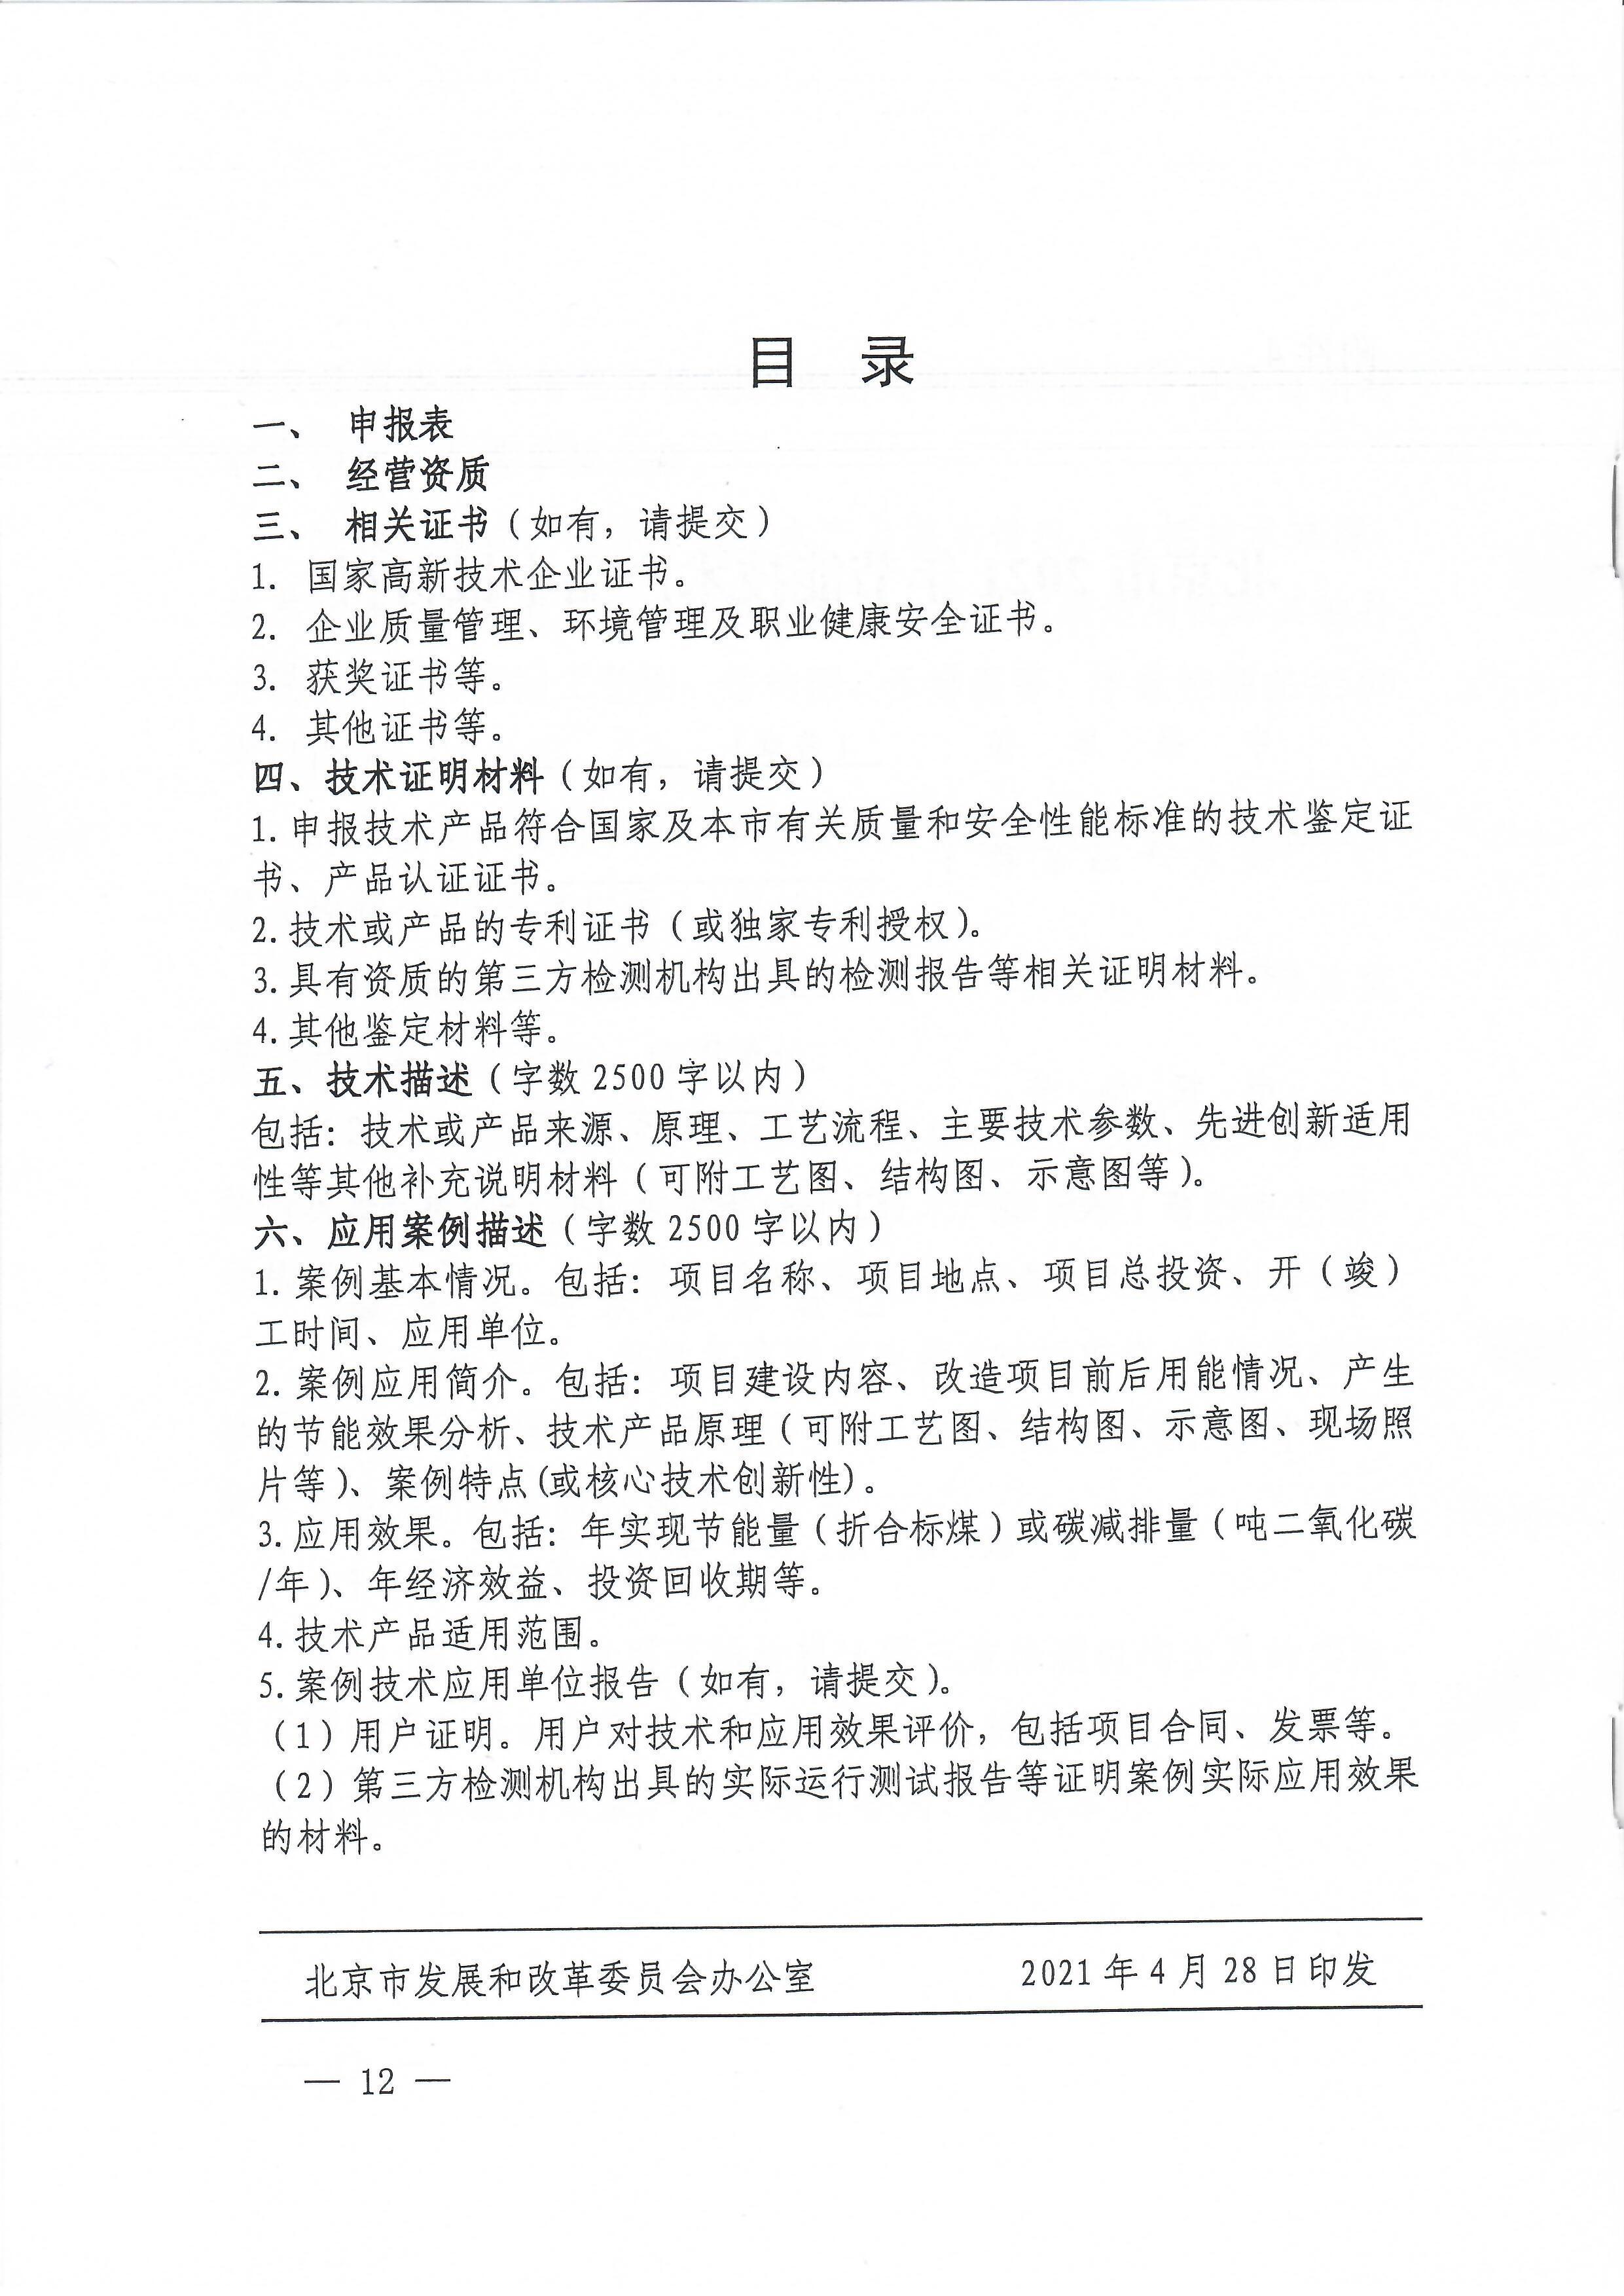 北京市节能技术产品征集通知_页面_12.jpg